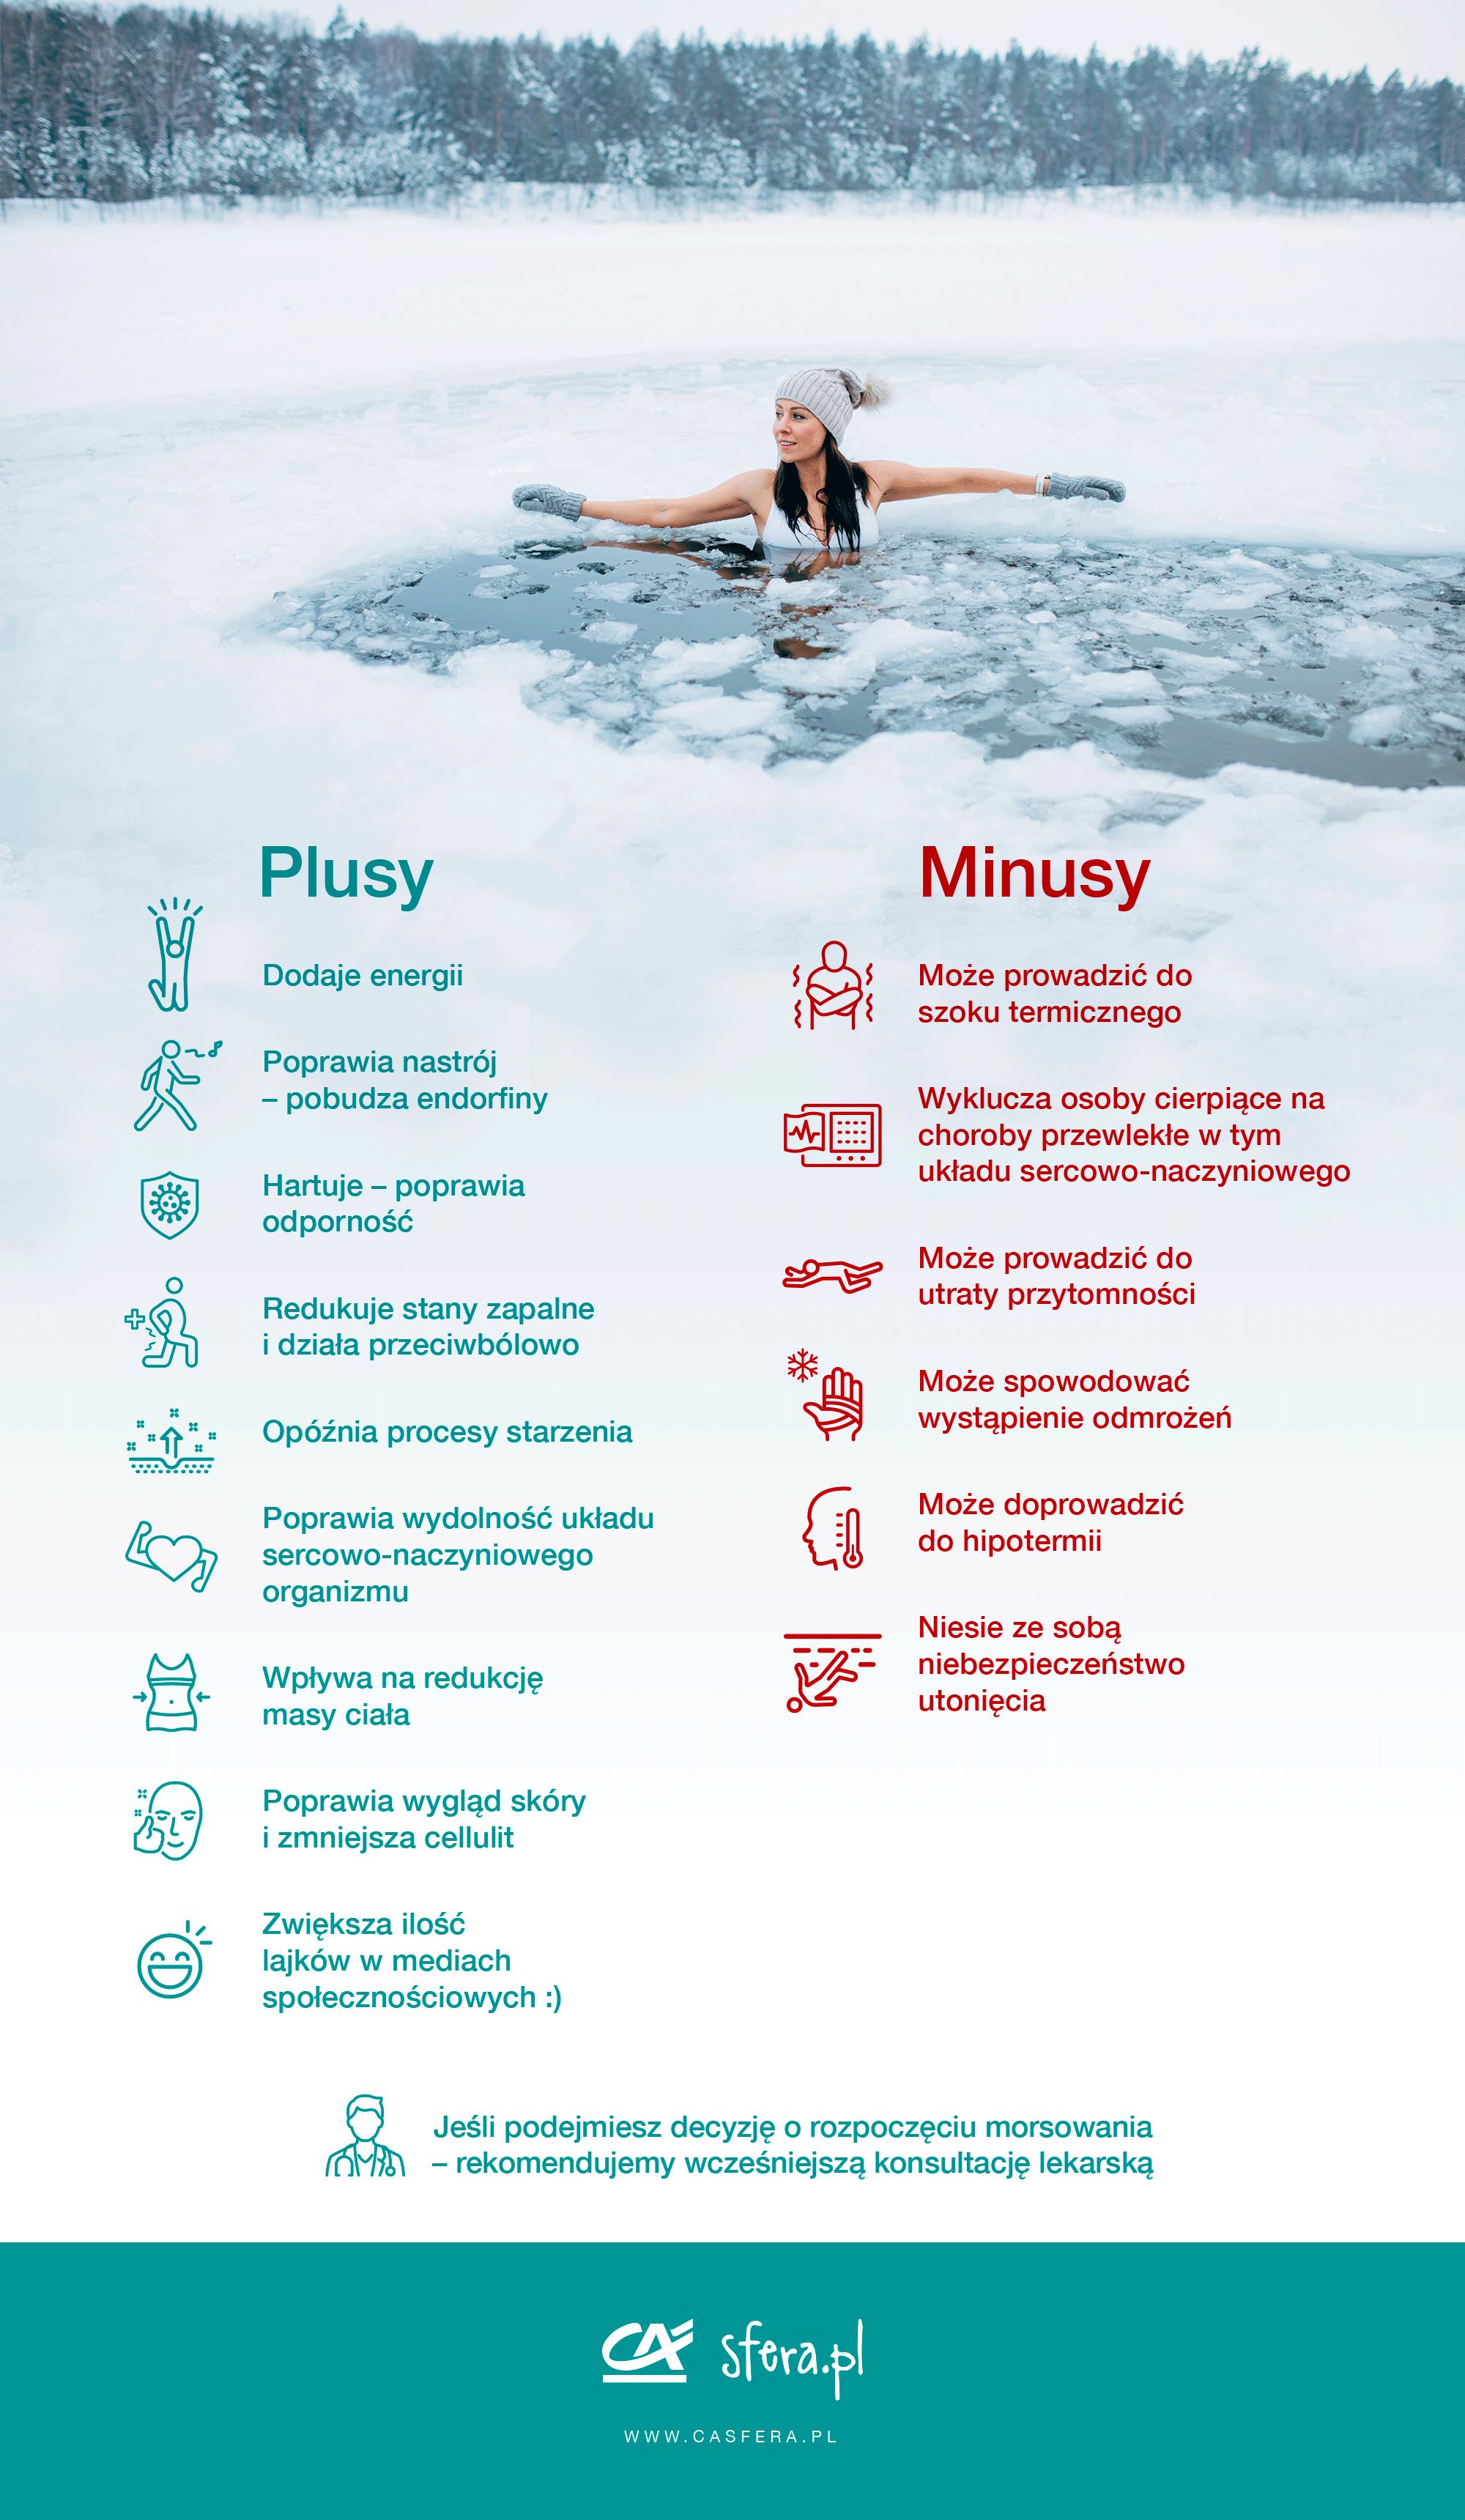 Morsowanie - zalety i wady - infografika